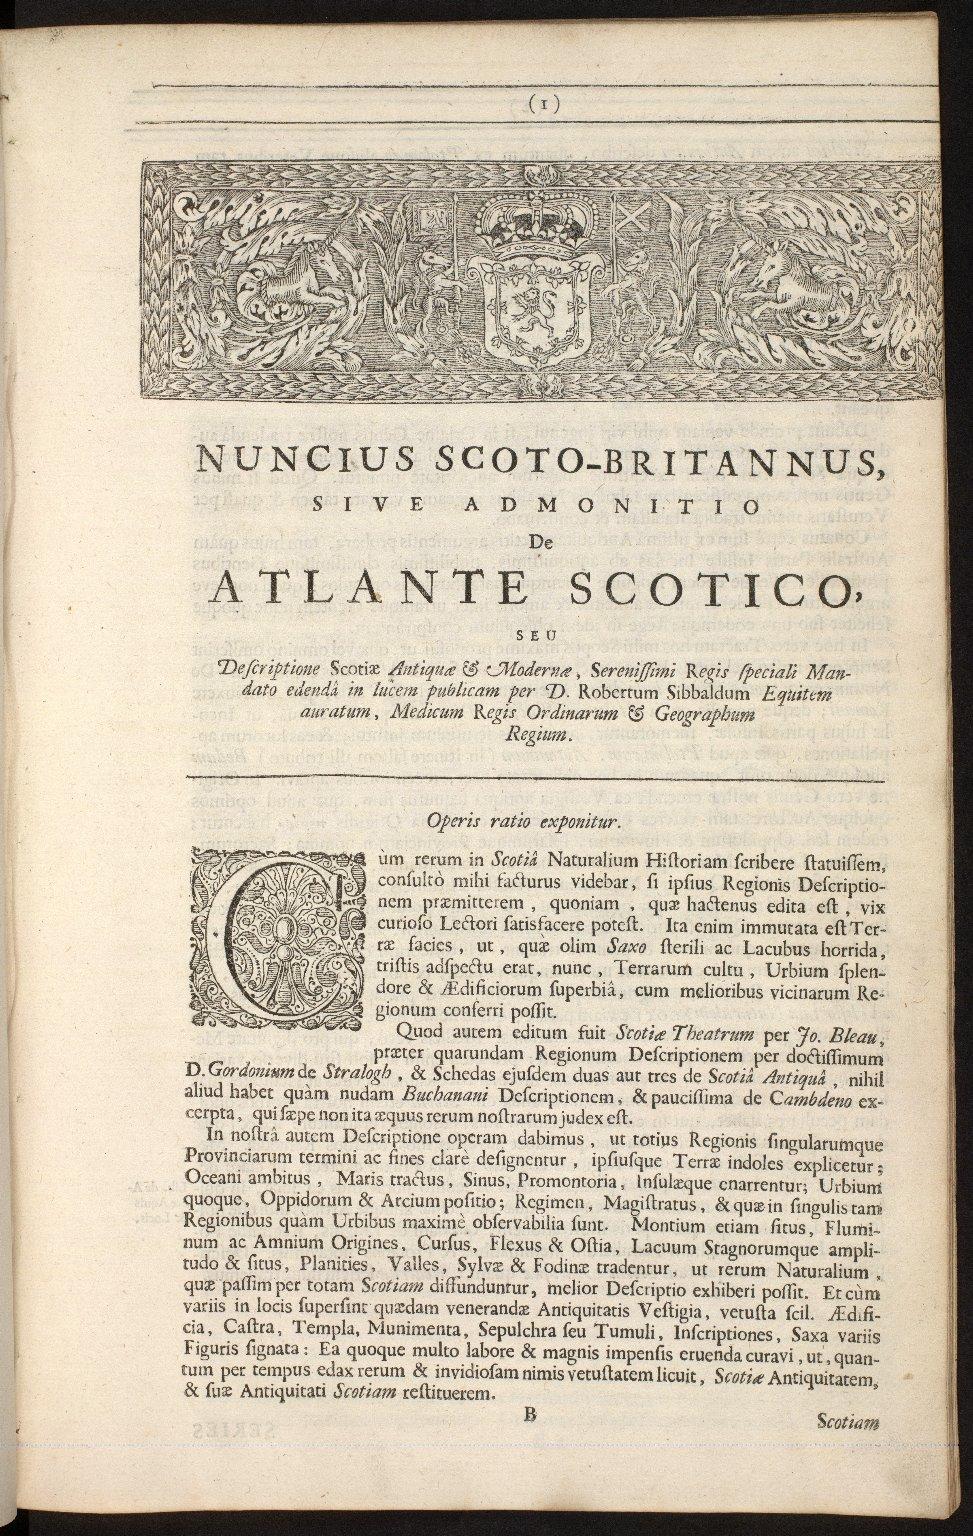 Nuncius Scoto-Britannus, sive admonitio de Atlante Scotico [03 of 18]